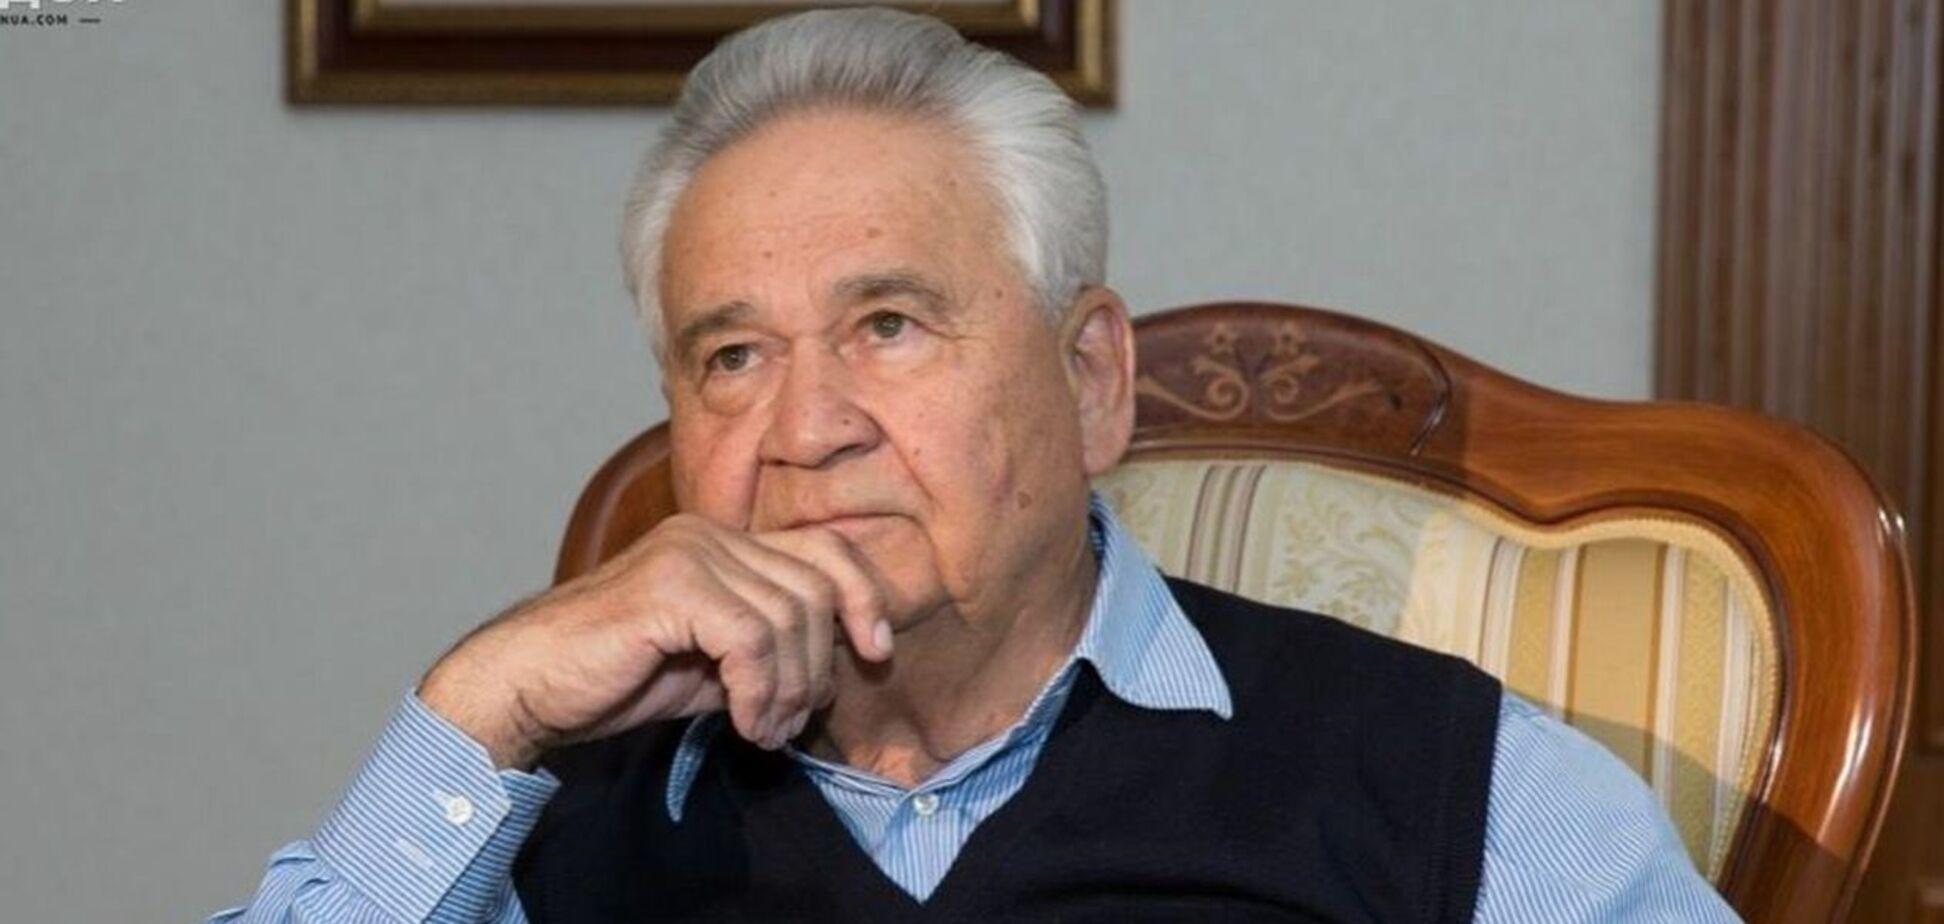 Колишній заступник керівника делегації України у ТКГ Вітольд Фокін